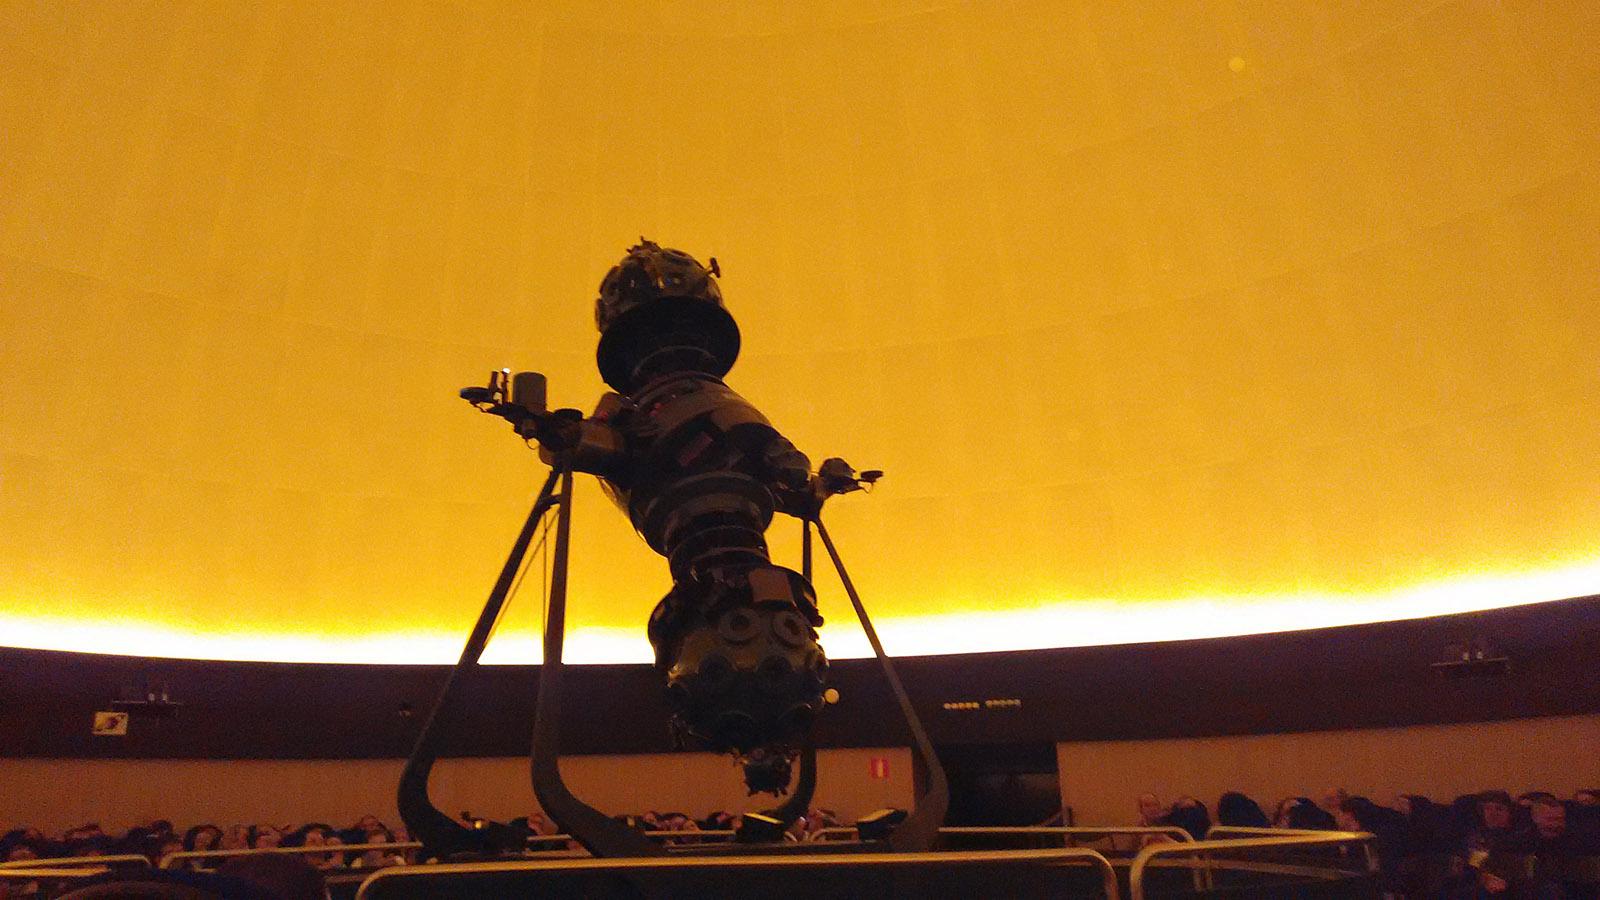 El 'monstruo' proyector del Planetario, toda una proeza mecánica que nos permitió disfrutar de todo un espectáculo visual.